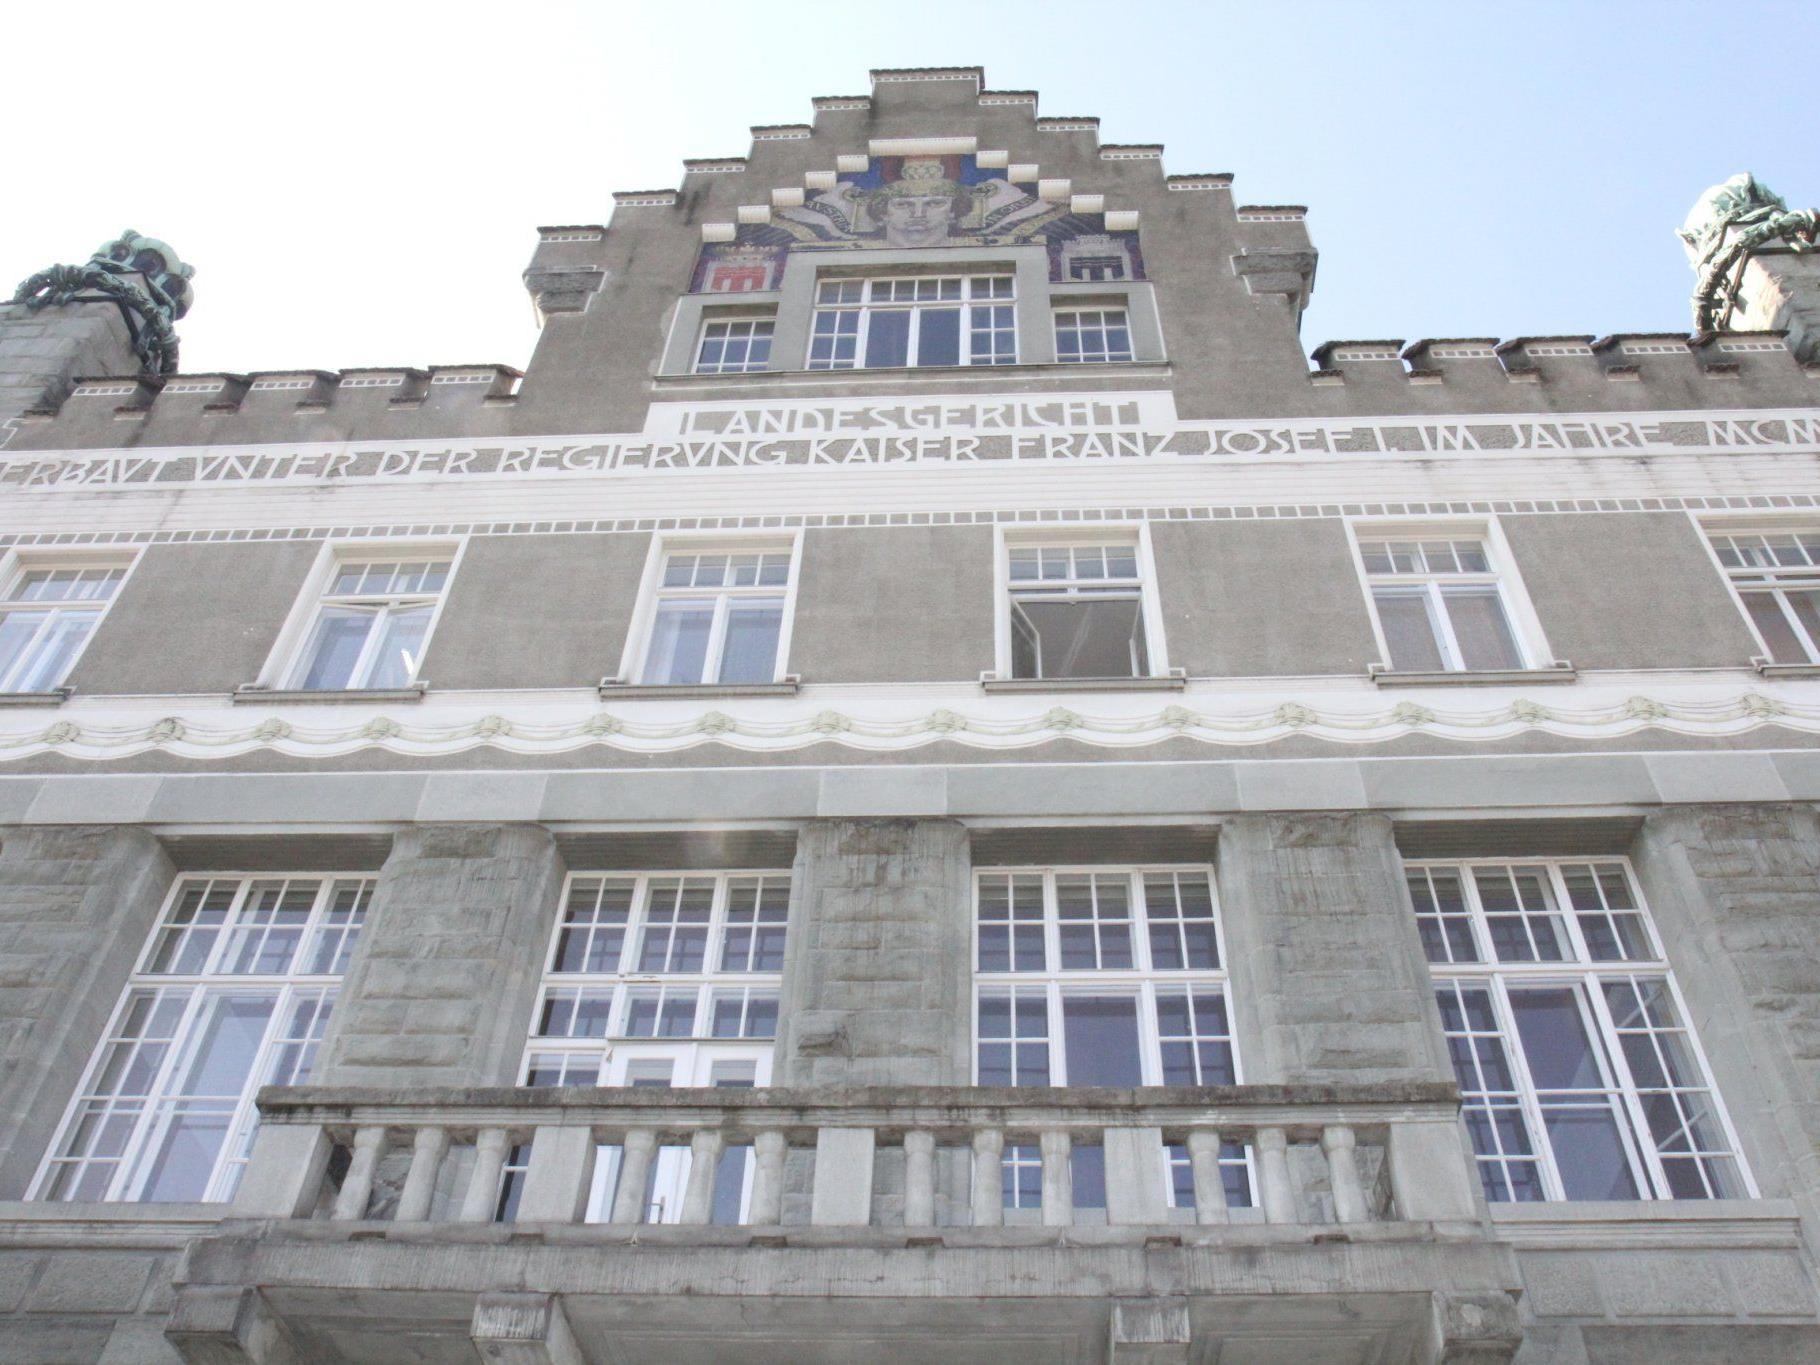 Feldkirch: Eine teilbedingte Haftstrafe von vier Jahren fasste heute ein 30-jähriger Grieche aus.